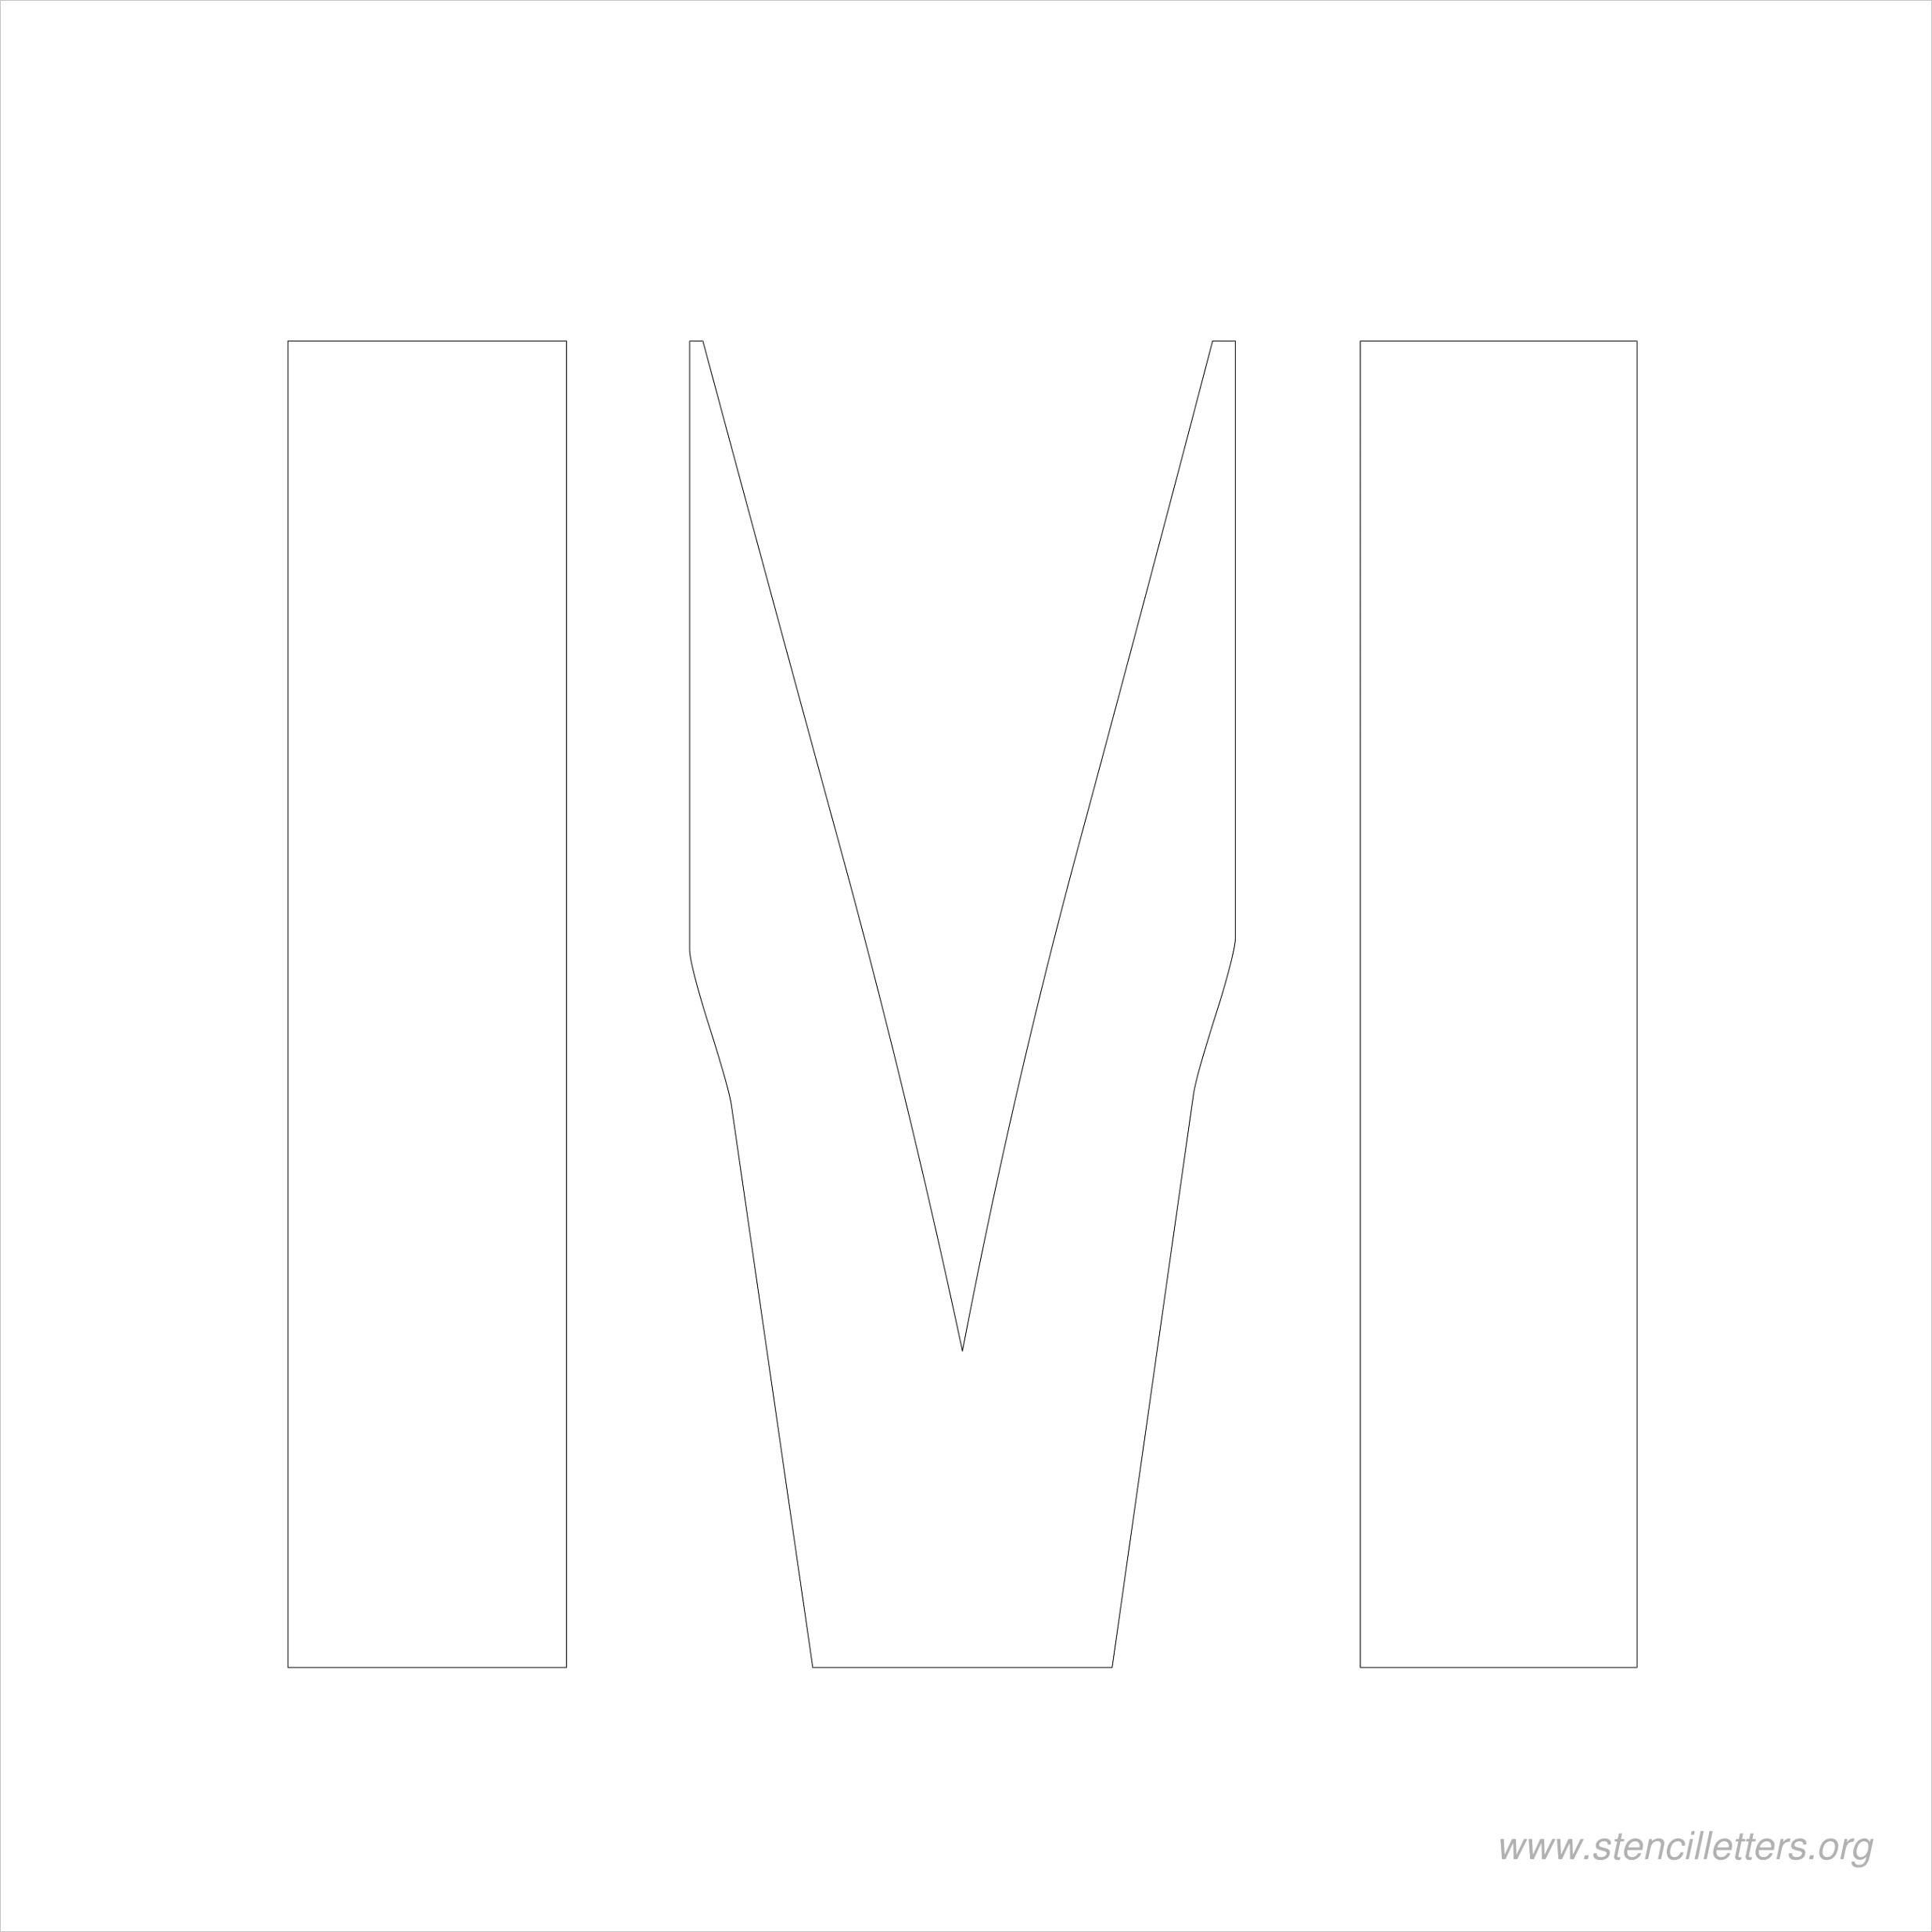 6 inch stencil lettersml